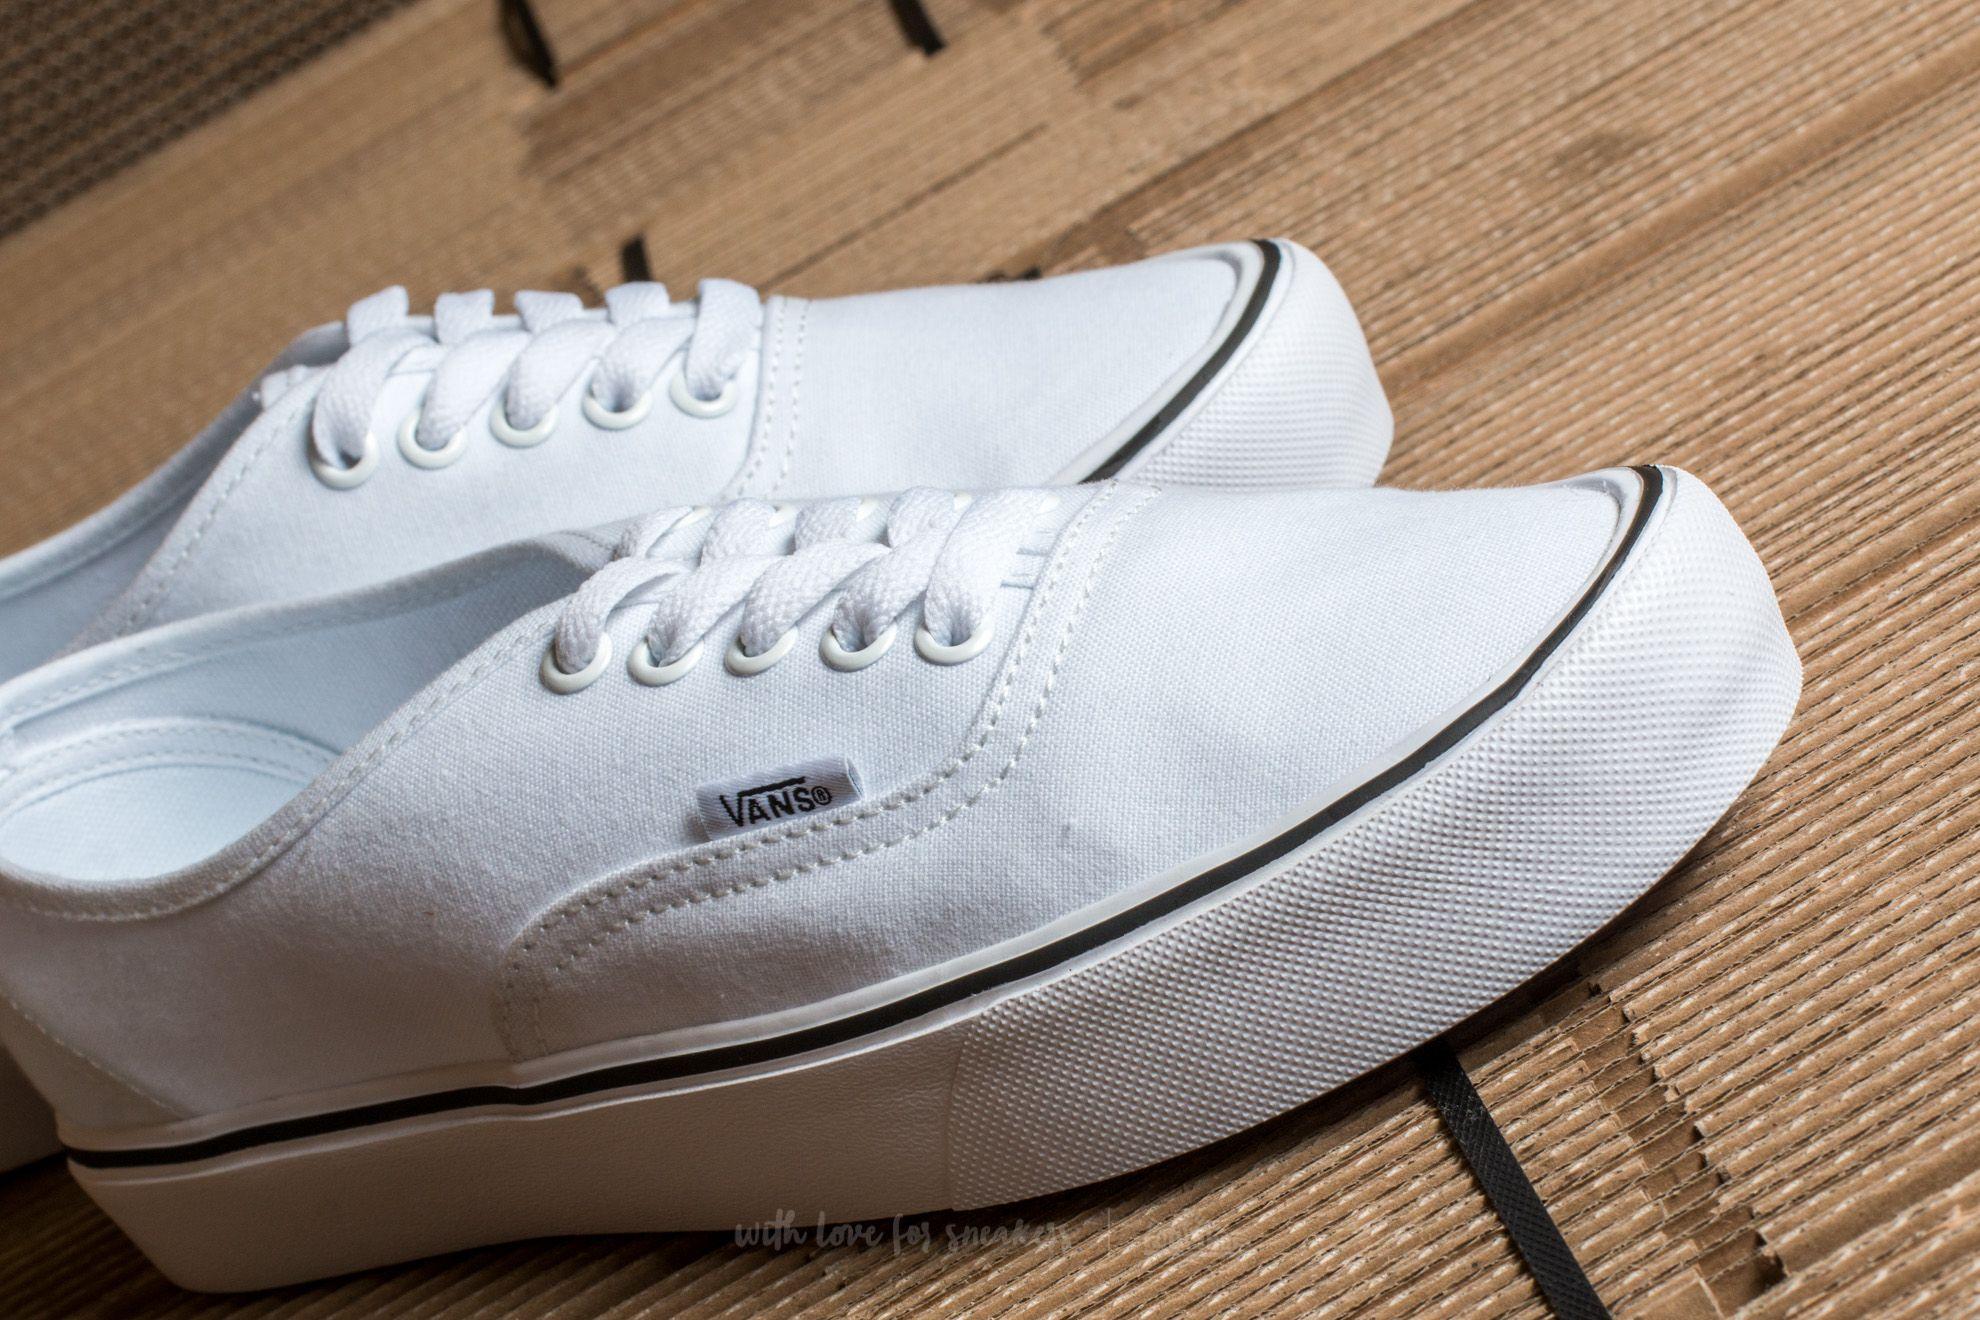 Vans Authentic Lite (Canvas) True White | Footshop